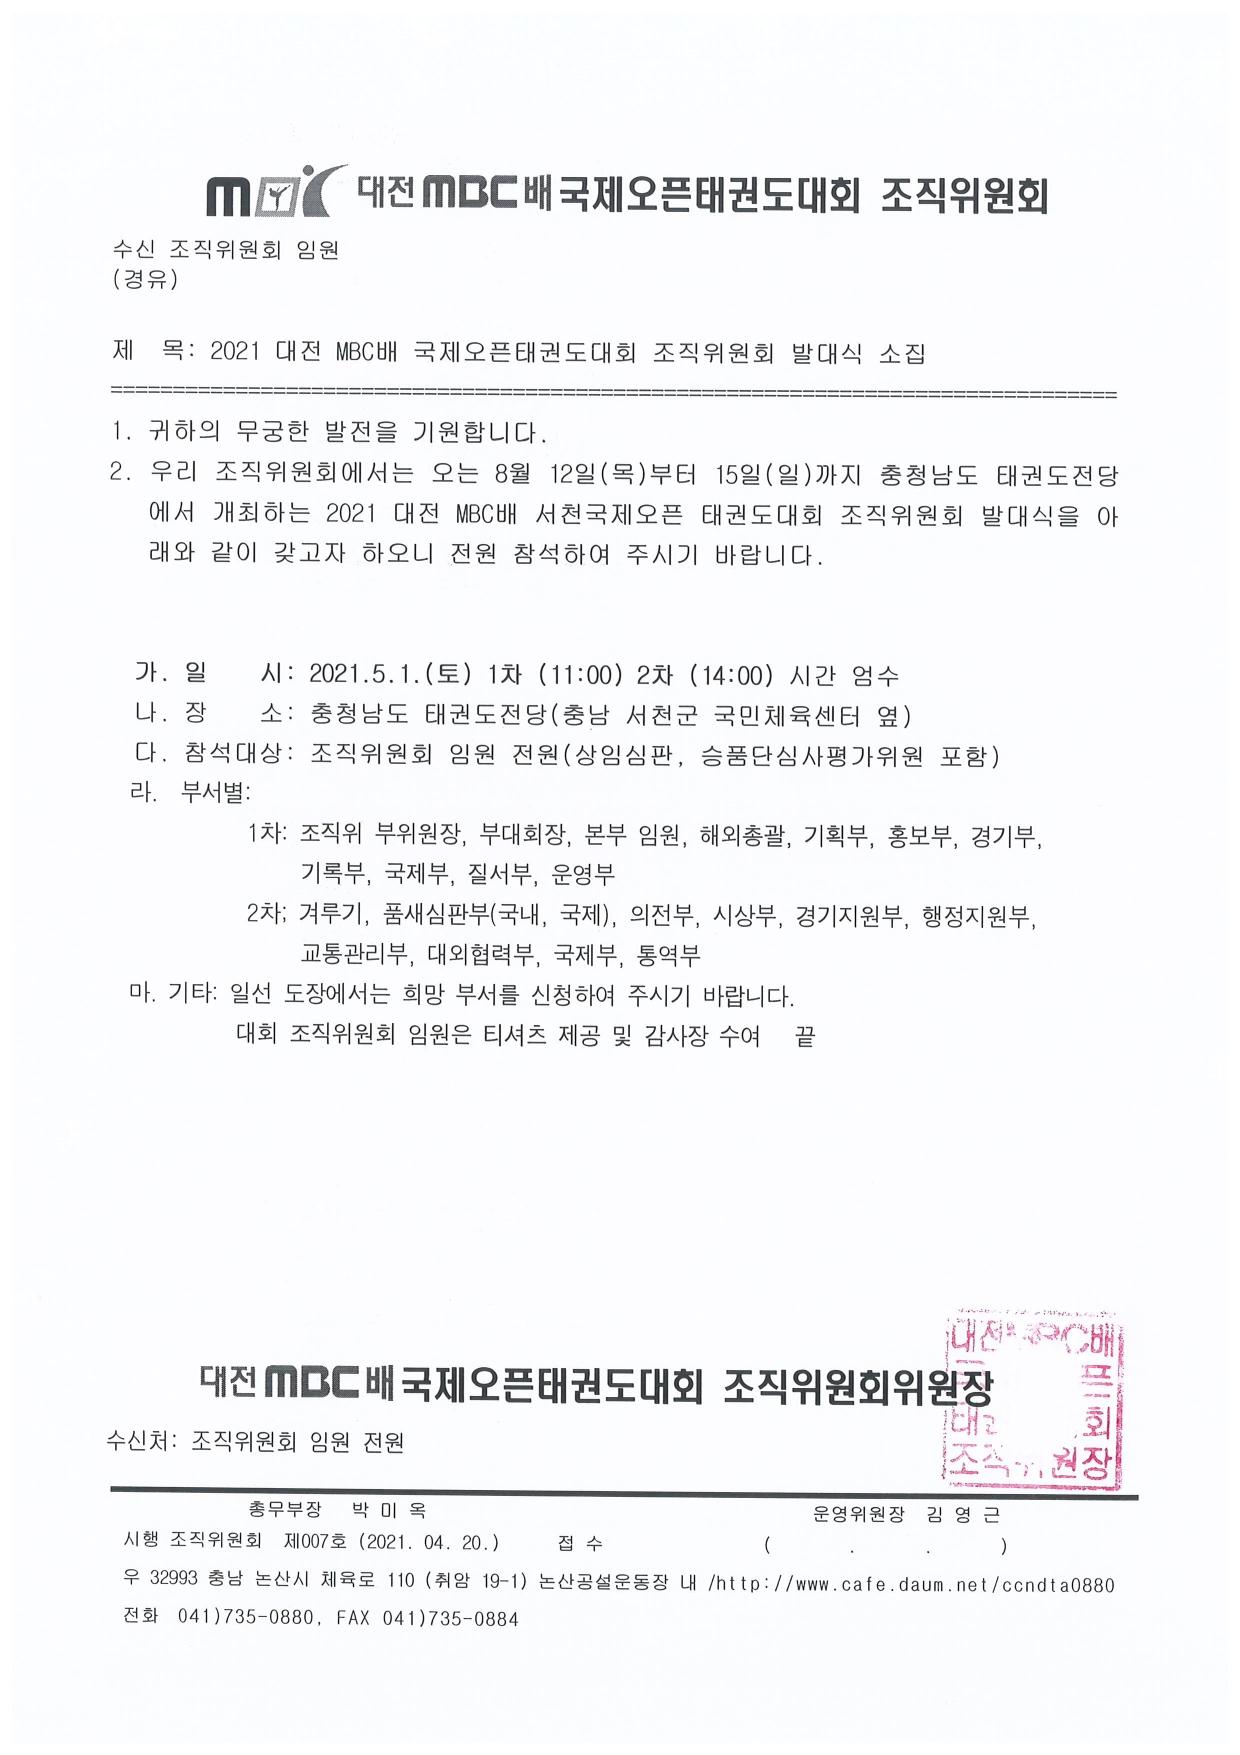 2021 대전MBC배 국제오픈태권도대회 조직위원회 발대식 소집_page-0001.jpg